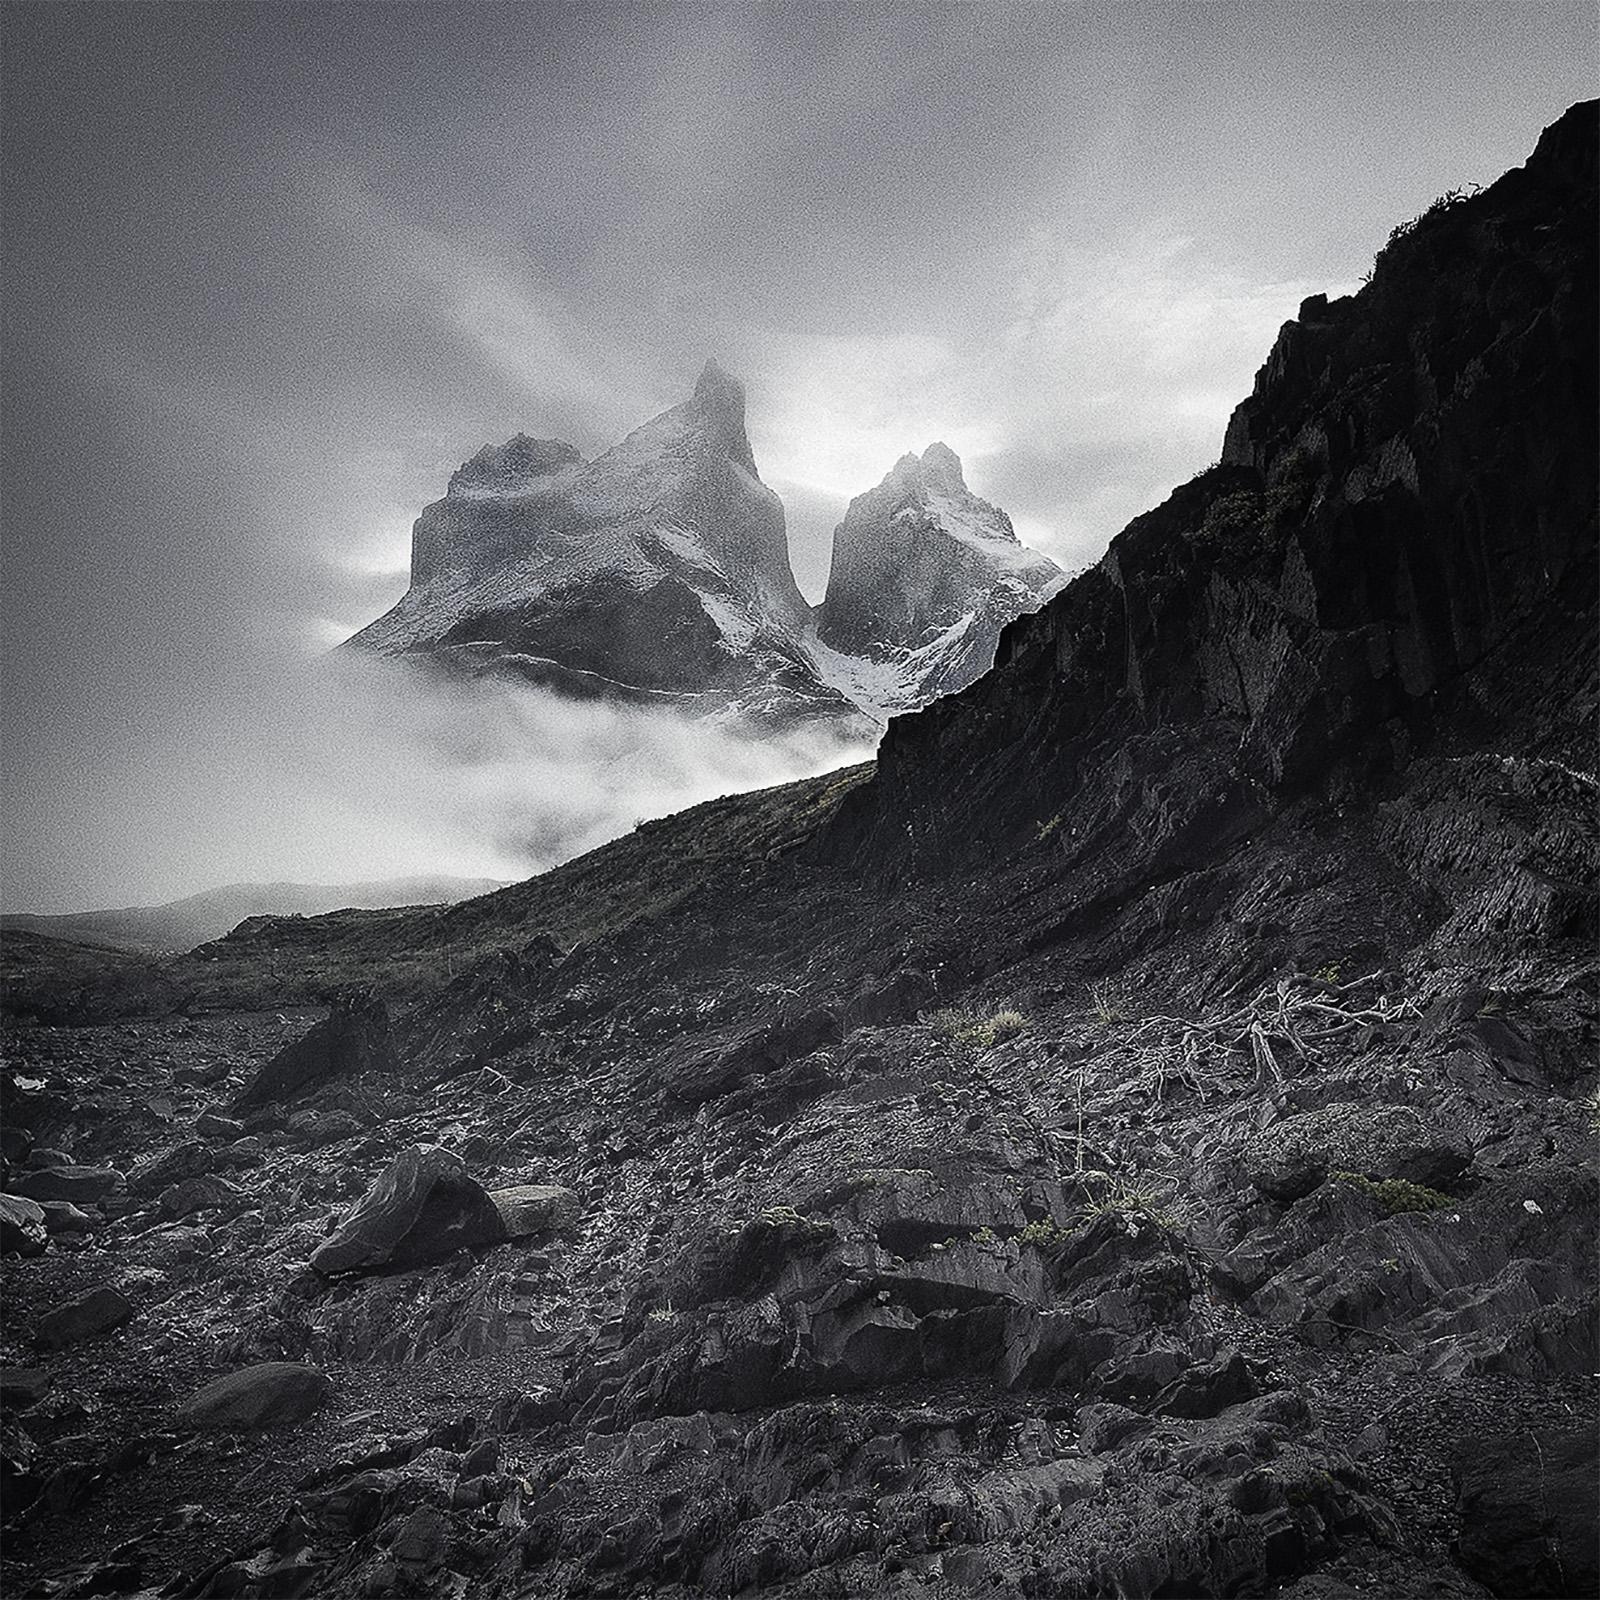 Cuernos - Torres del Paine, Patagonia